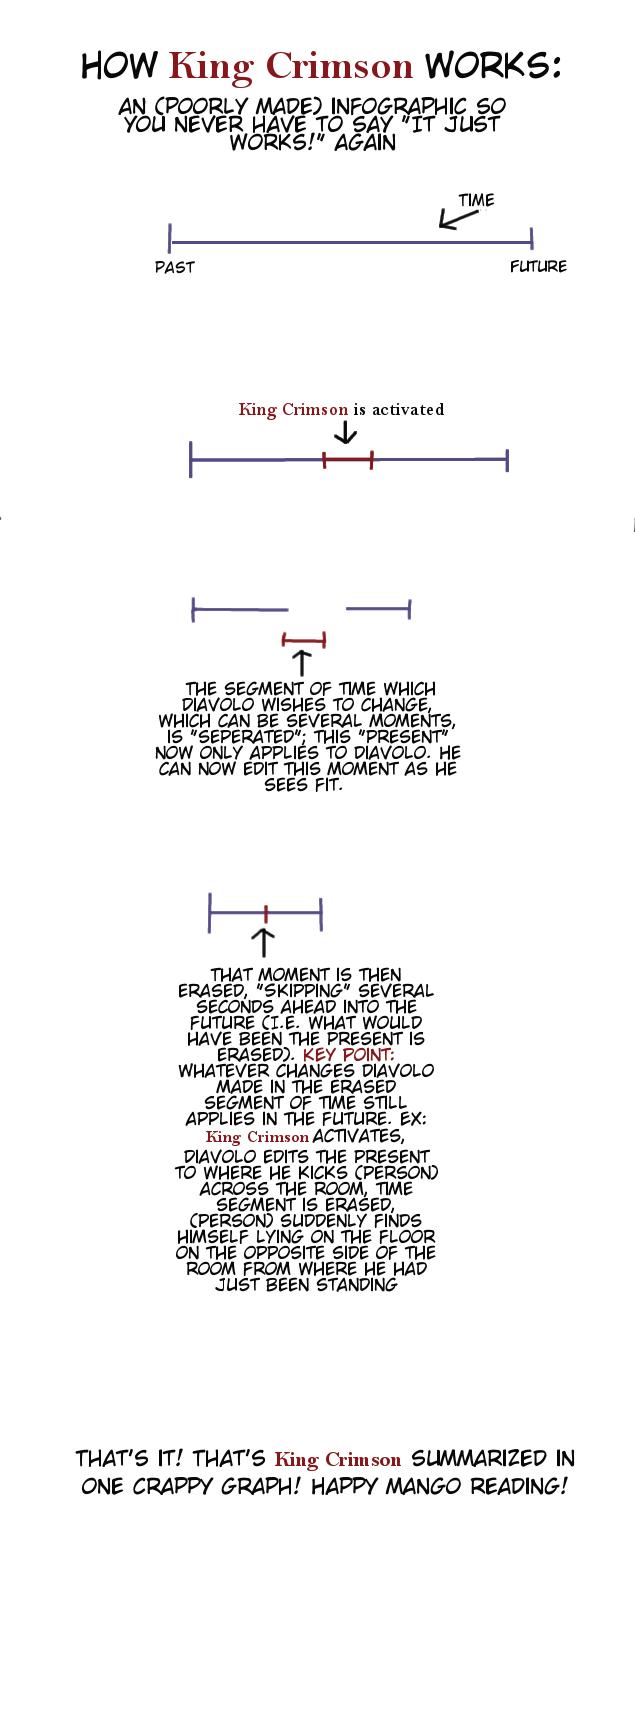 How King Crimson Works | King Crimson (JoJo)